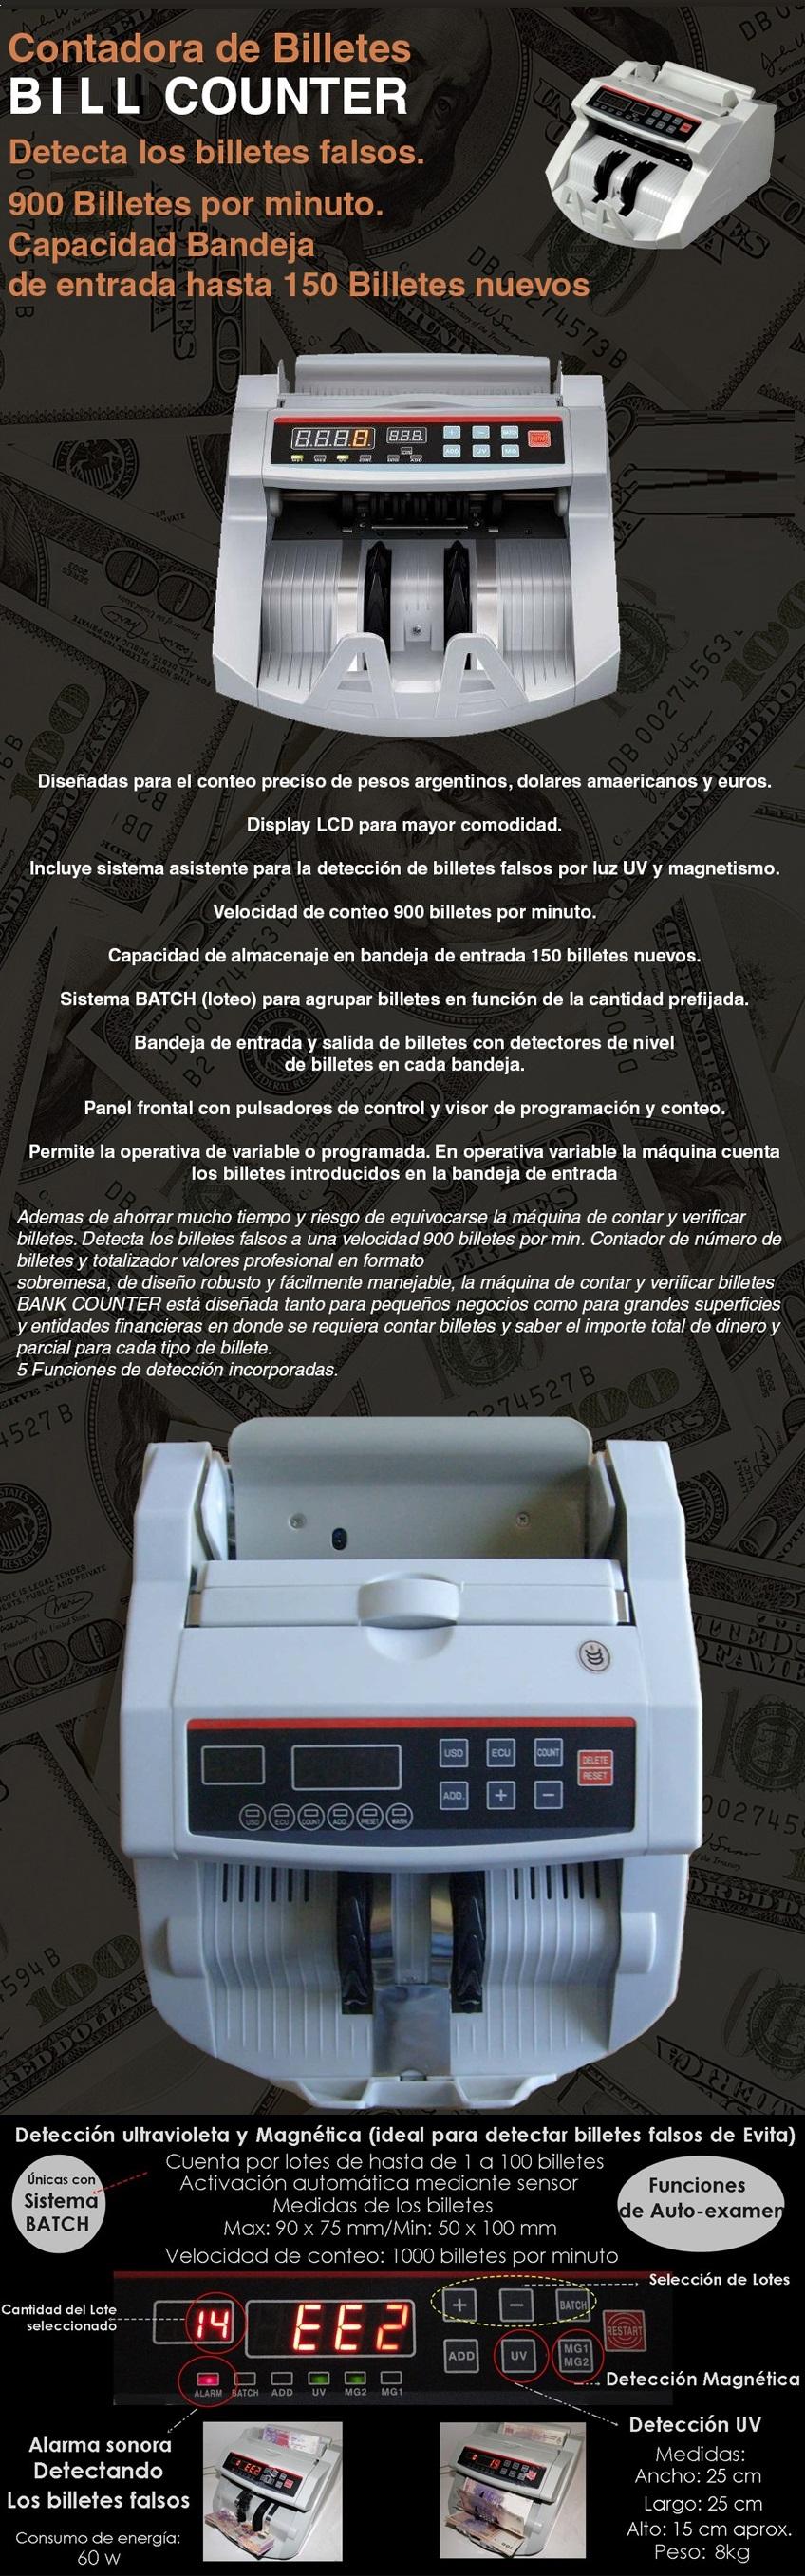 publicacion_contadora_billetes